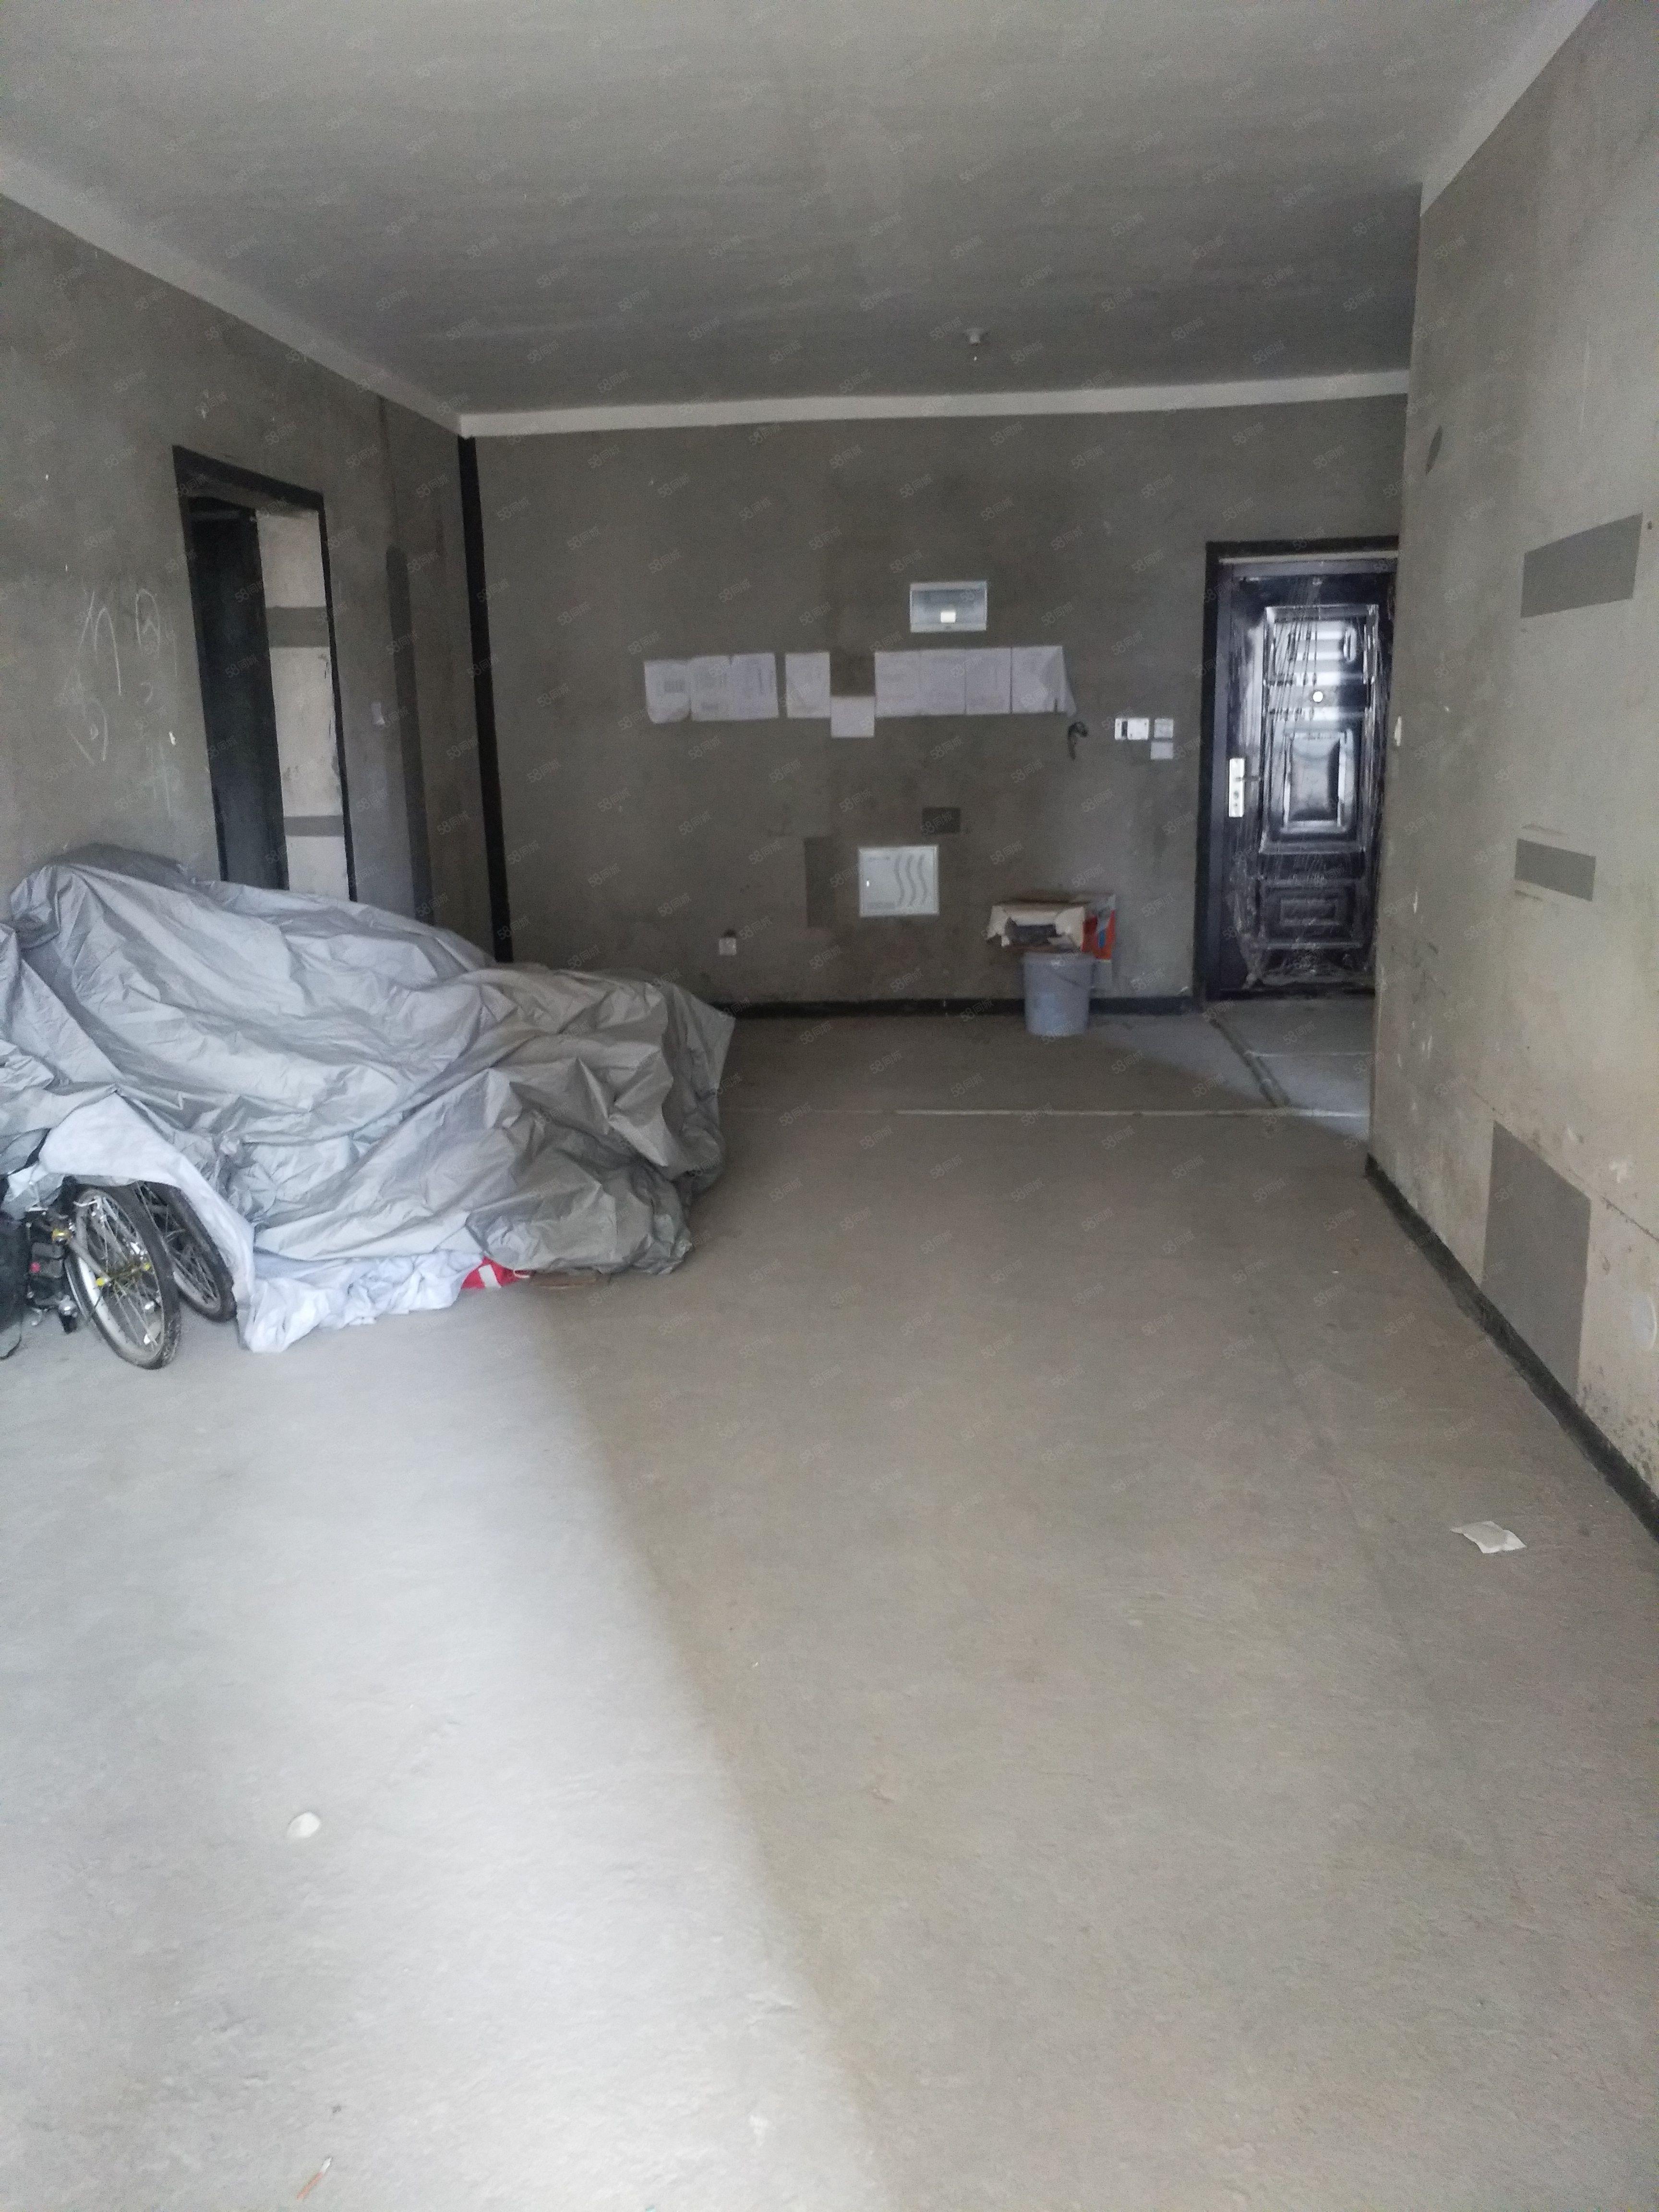 会展中心建业壹号城邦120平10楼三室二厅二卫新,新毛坯房